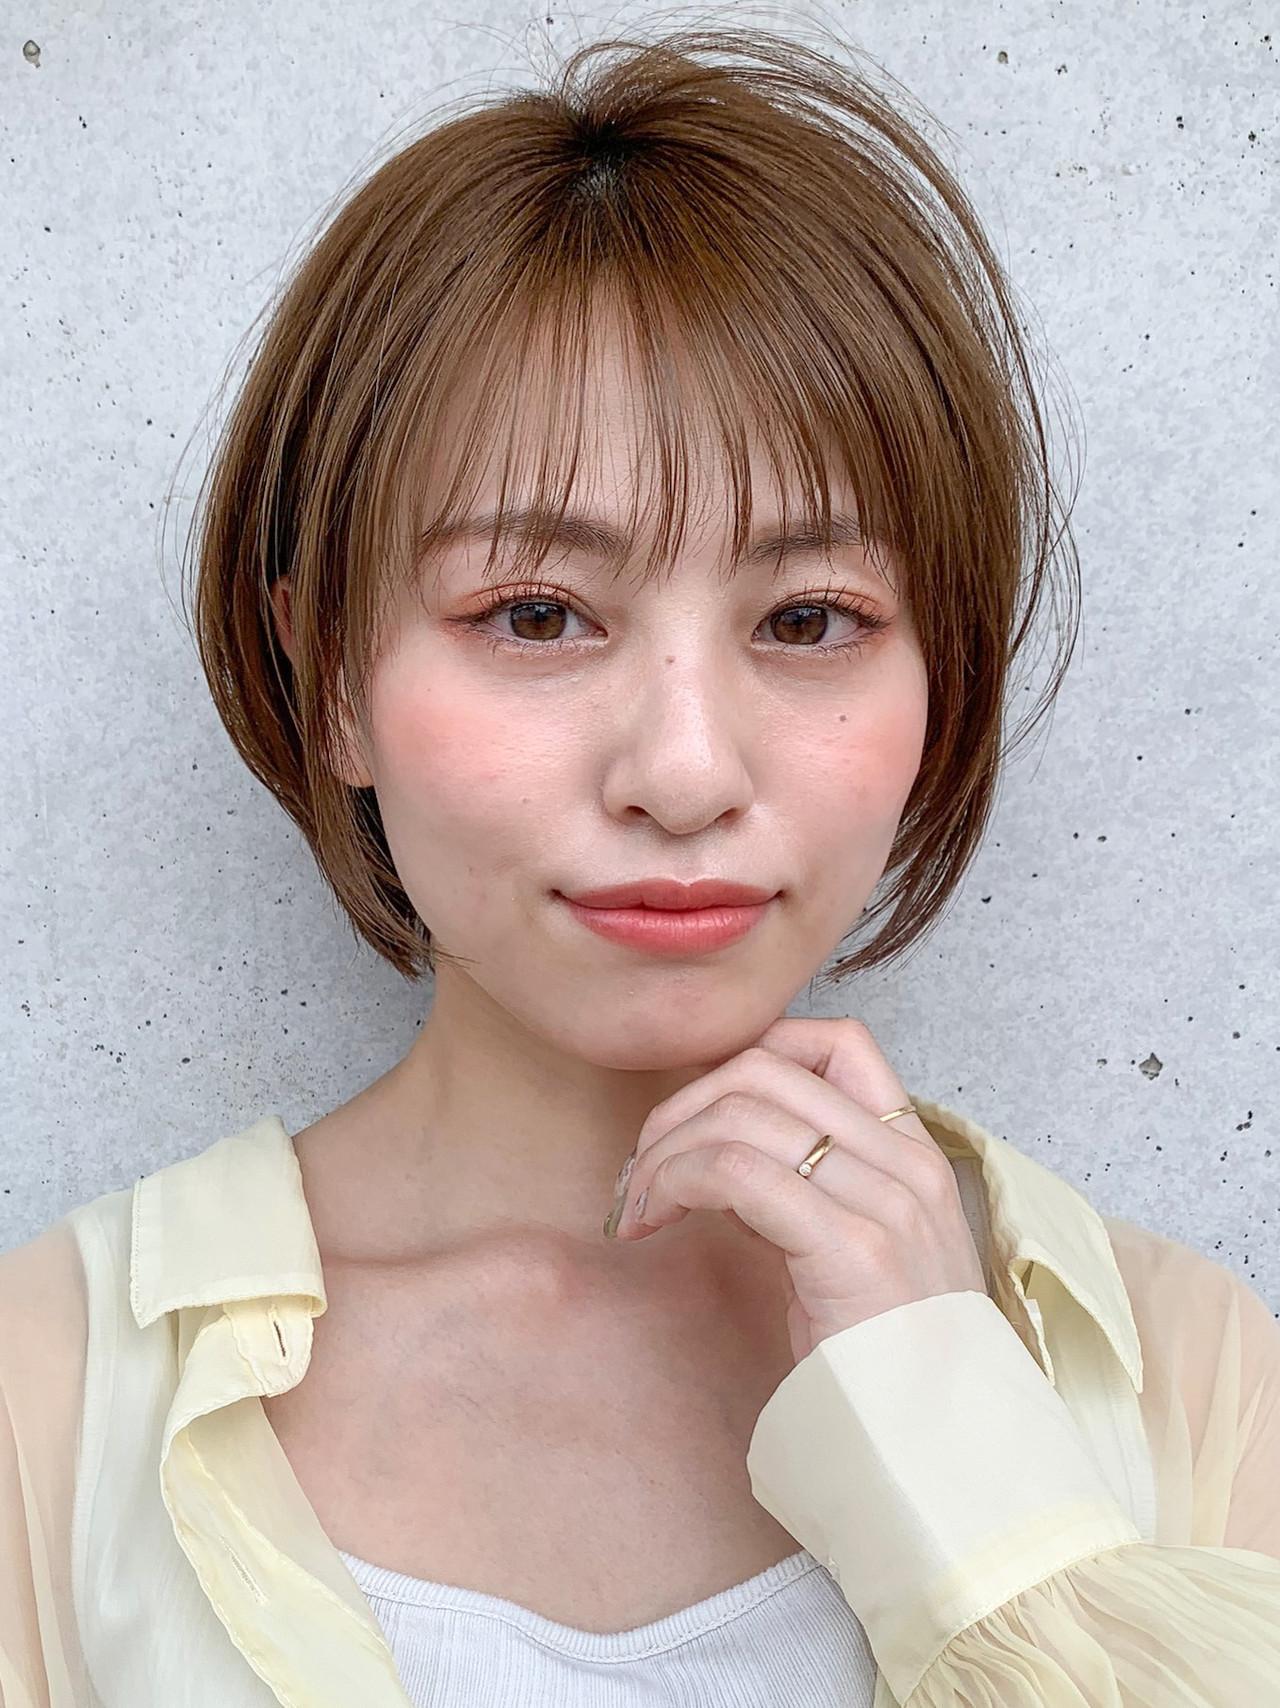 小顔ヘア ショートボブ オリーブベージュ デジタルパーマ ヘアスタイルや髪型の写真・画像